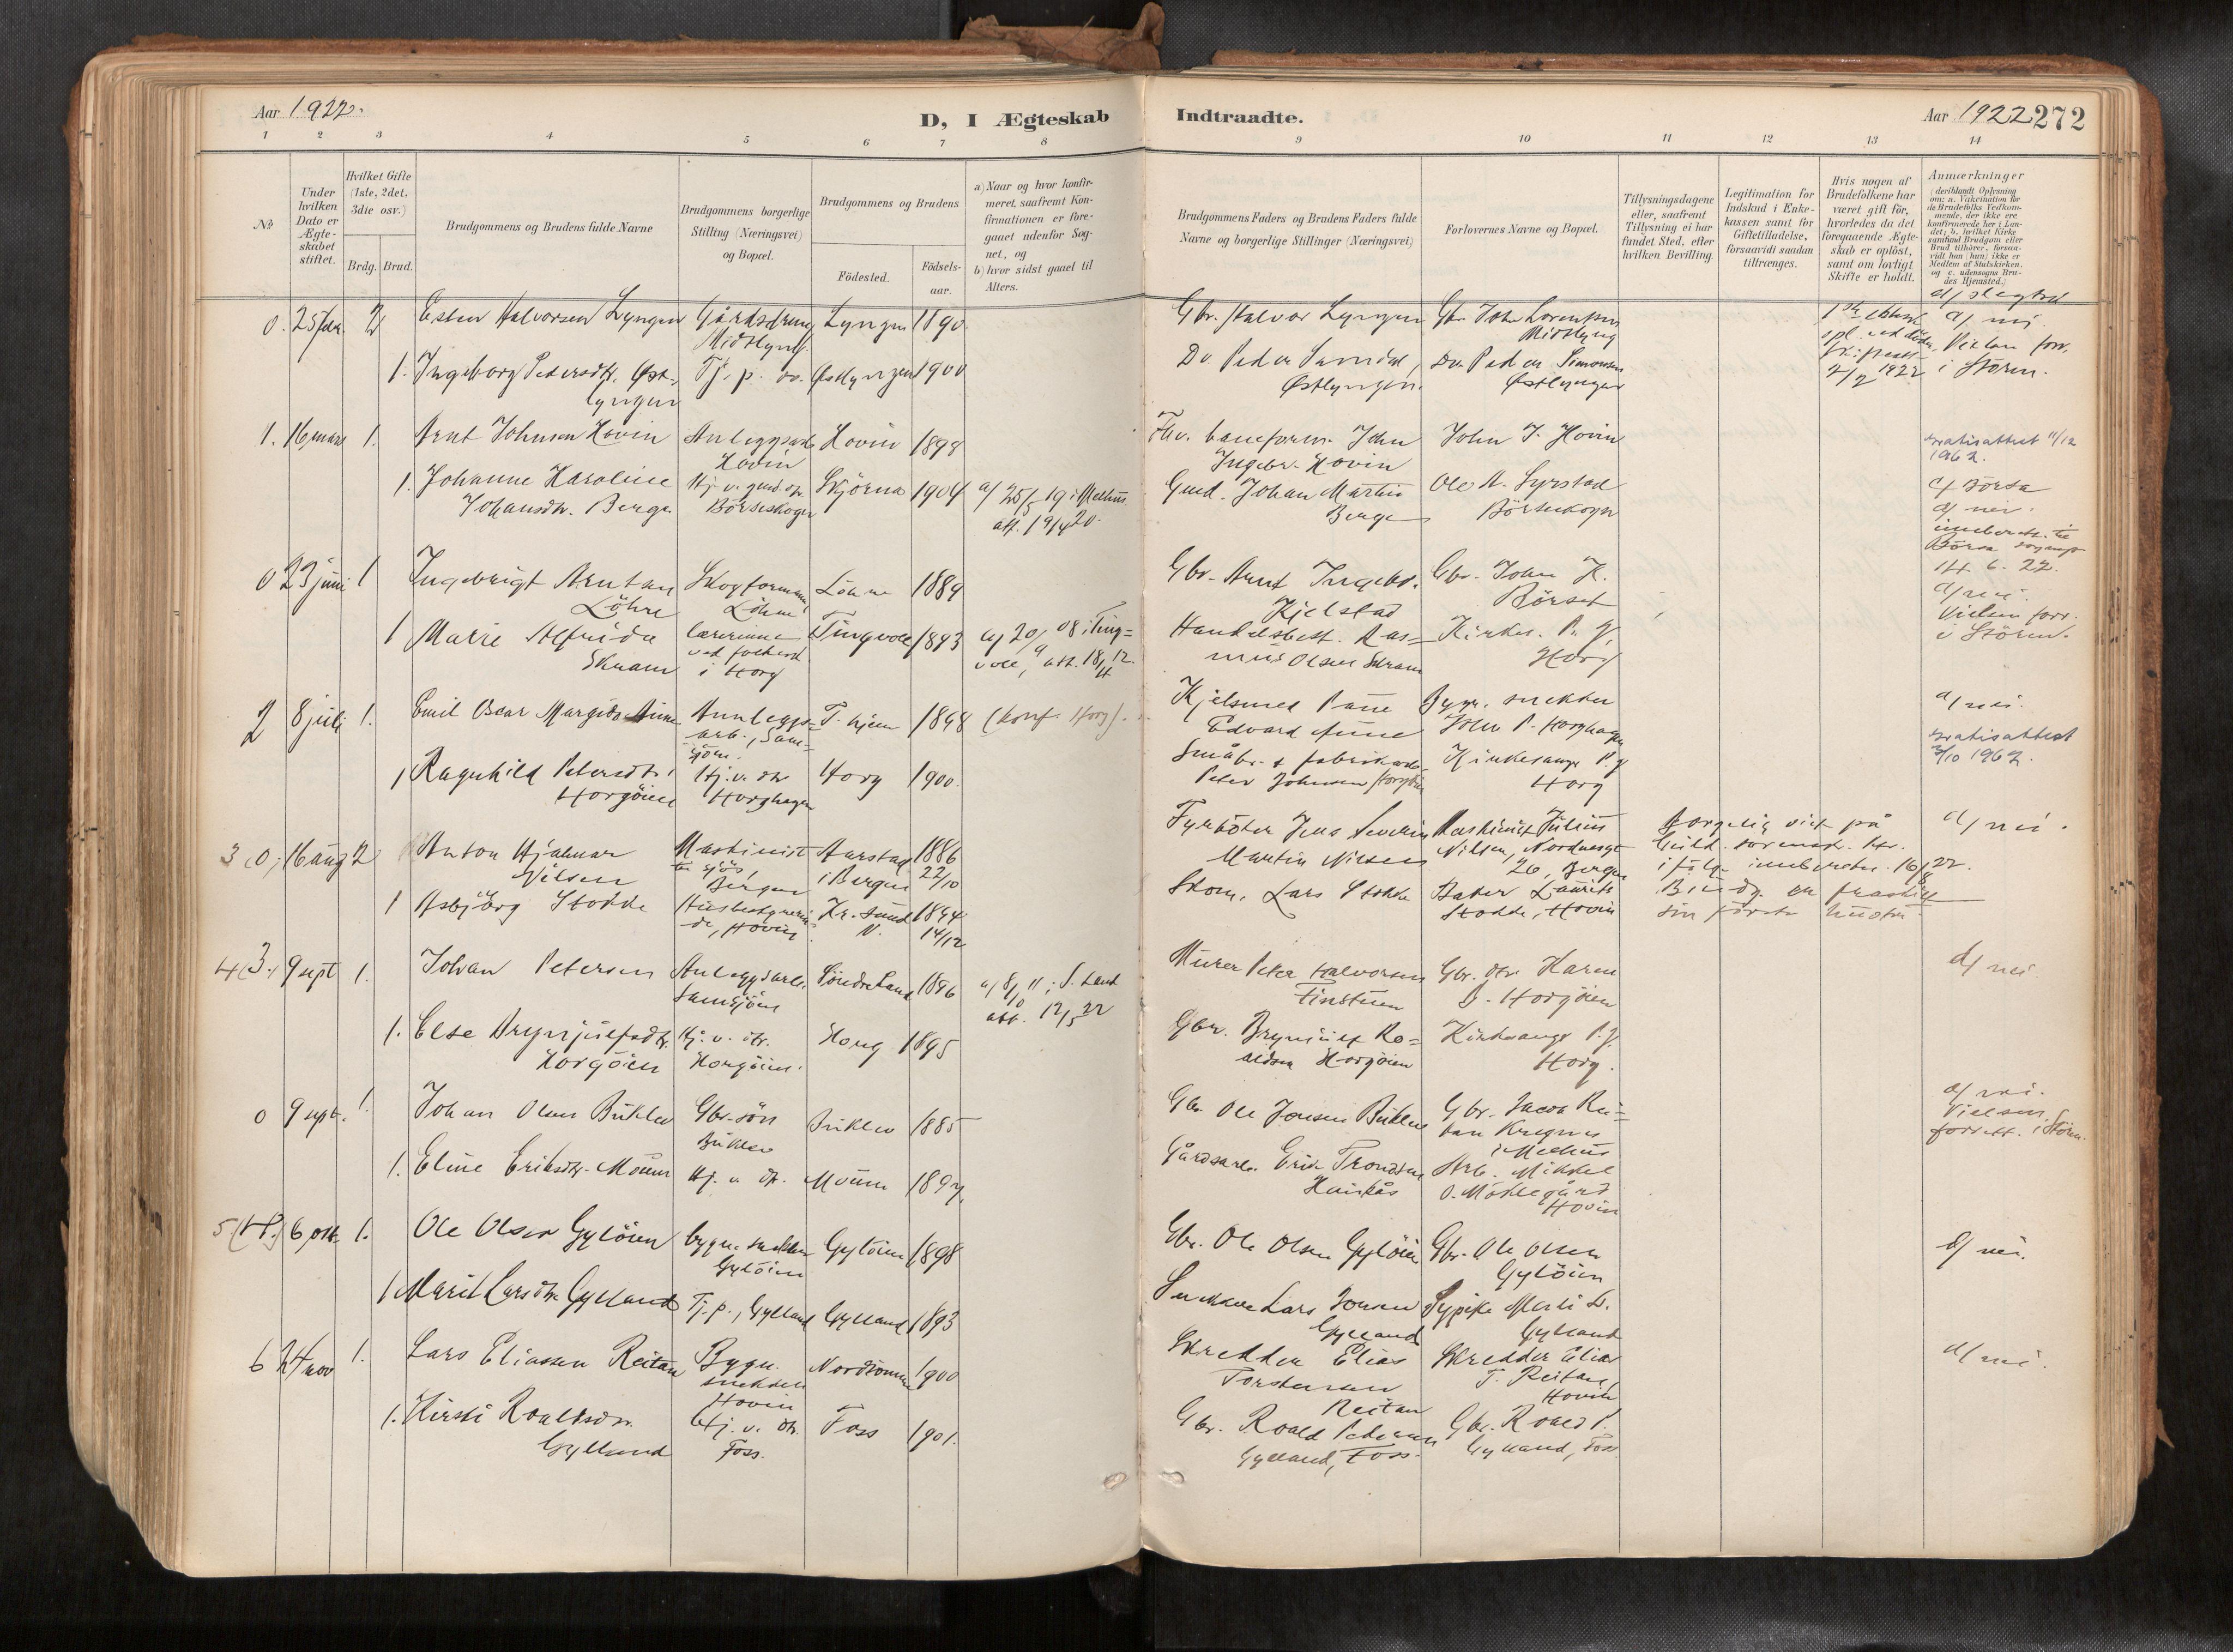 SAT, Ministerialprotokoller, klokkerbøker og fødselsregistre - Sør-Trøndelag, 692/L1105b: Ministerialbok nr. 692A06, 1891-1934, s. 272